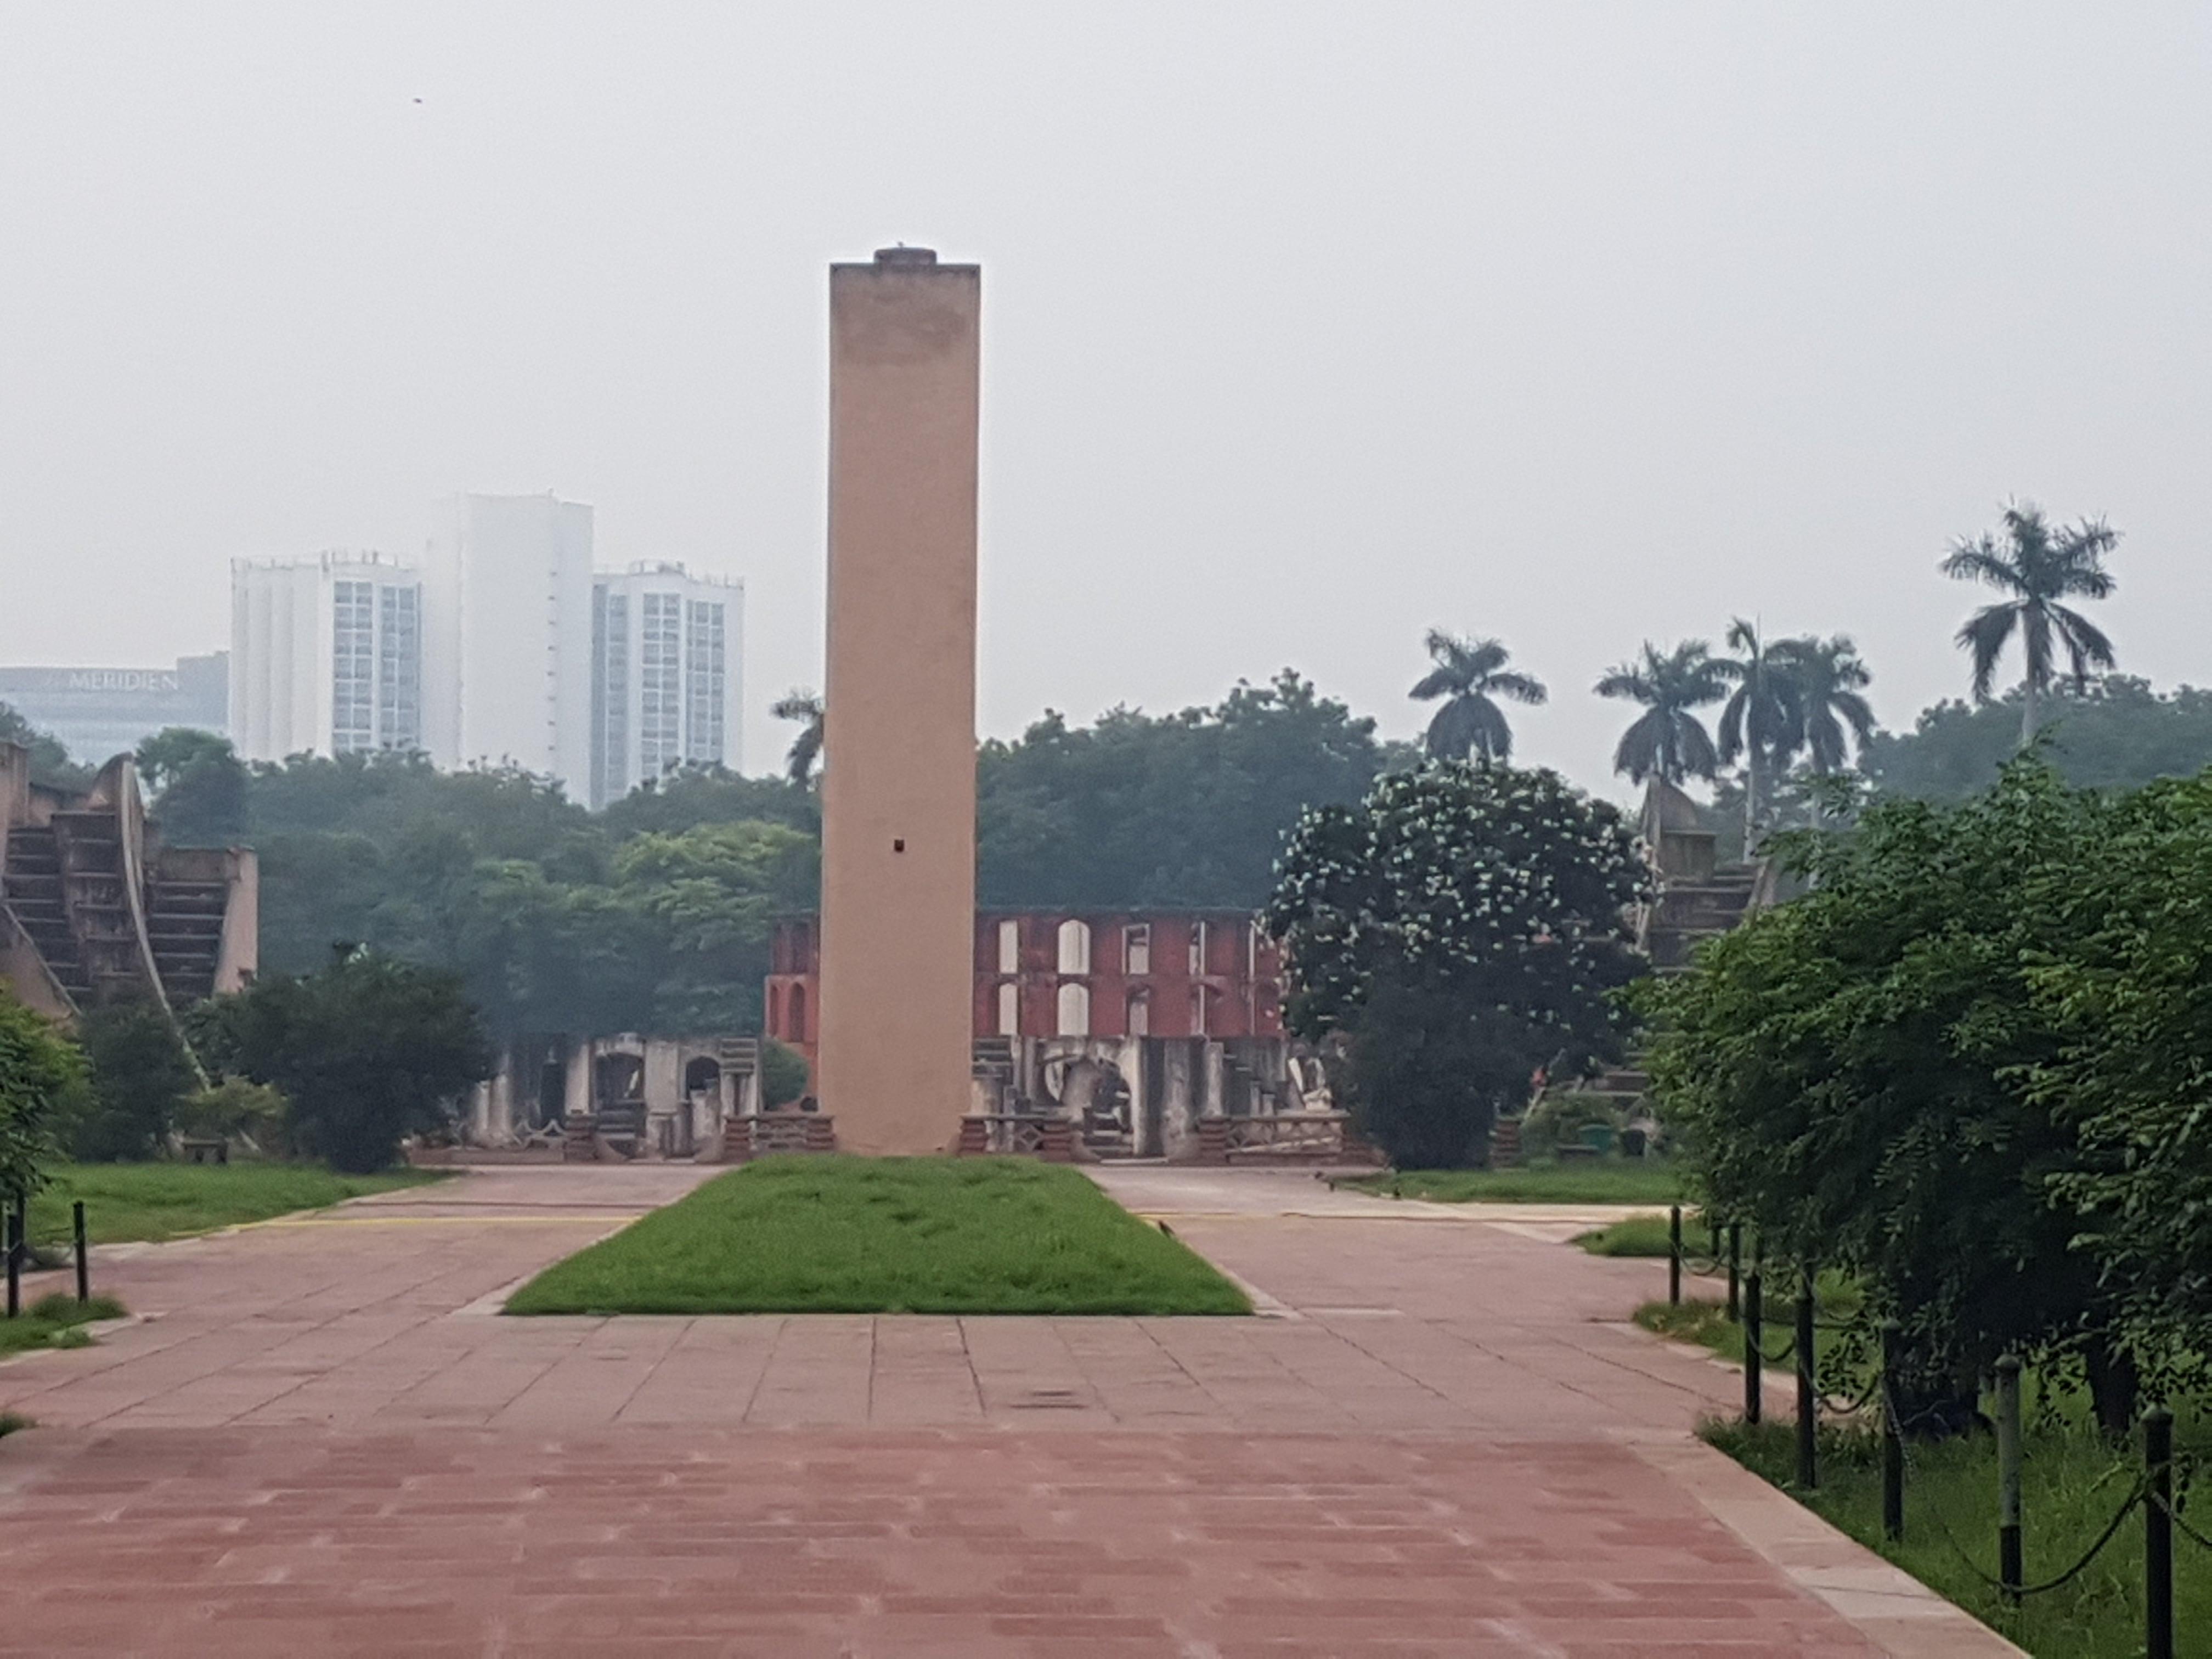 Jantar Mantar, New Delhi, India: Science of Astronomy